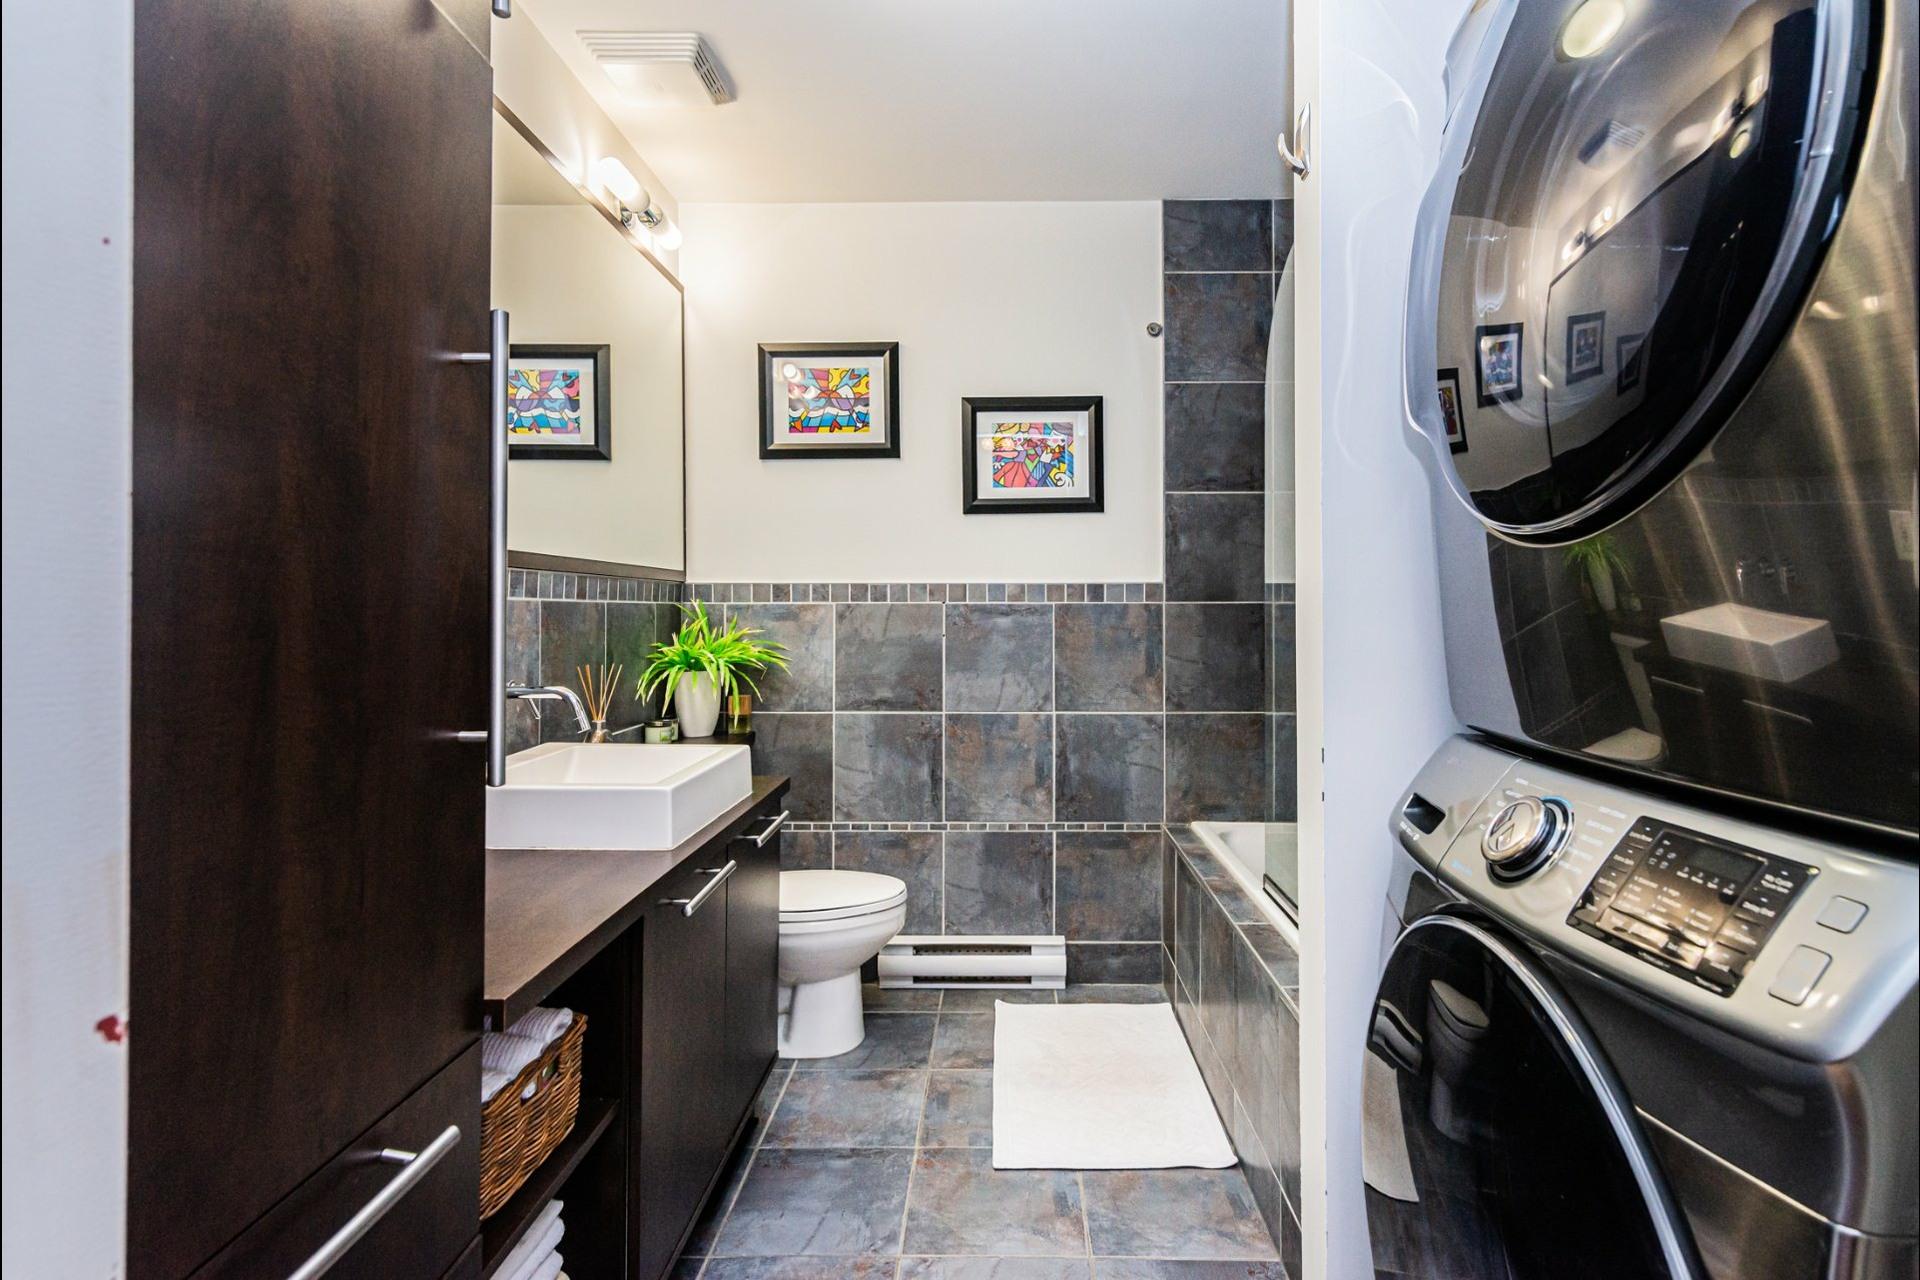 image 9 - 公寓 出售 Saint-Laurent Montréal  - 4 室